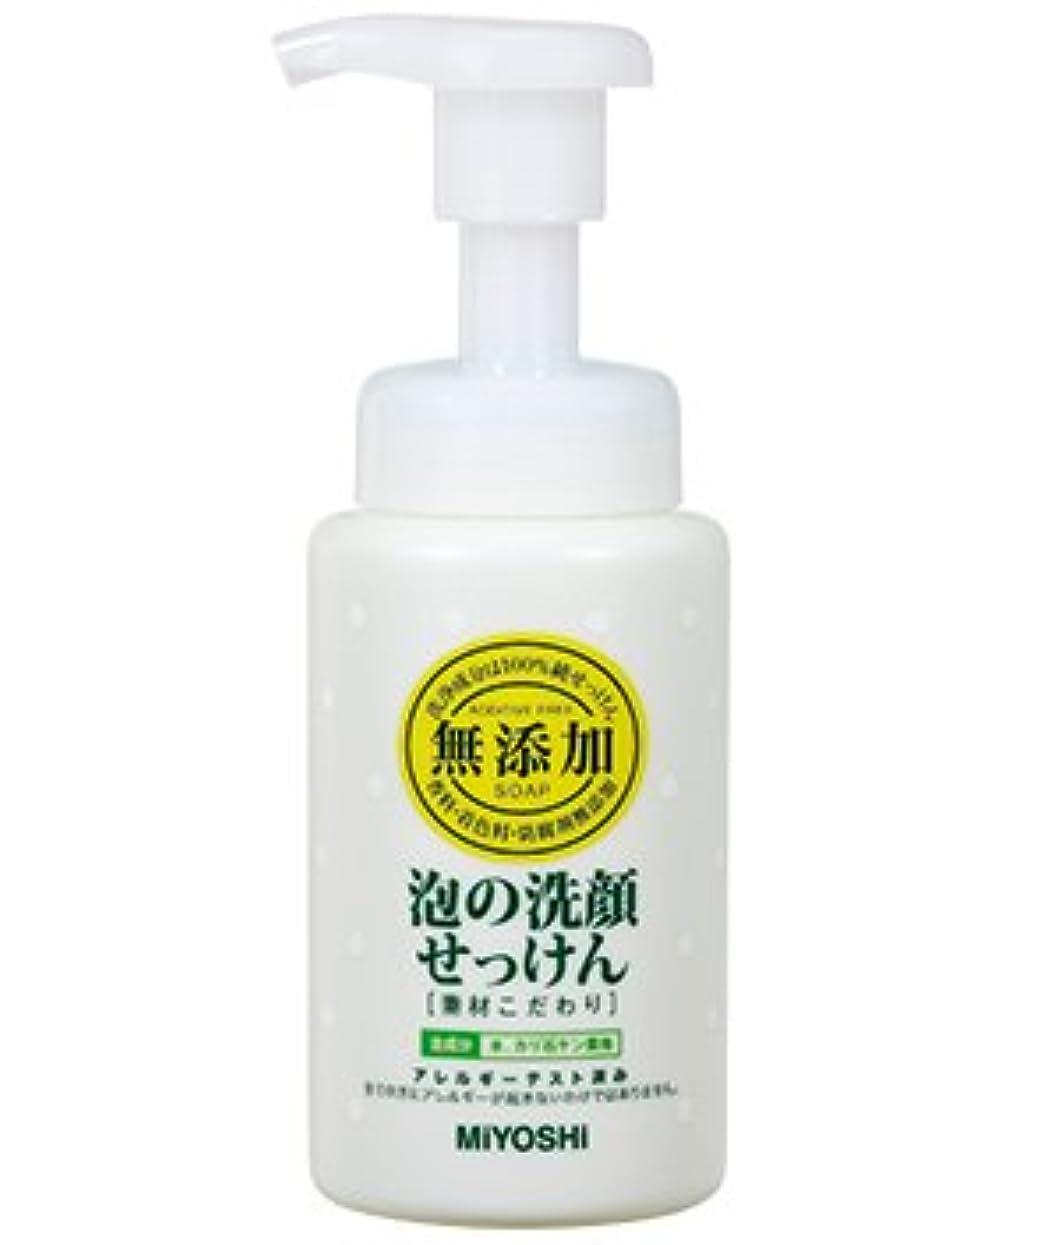 フィット最後にファンネルウェブスパイダーミヨシ石鹸 無添加 泡の洗顔せっけん 200ml 合成界面活性剤はもちろん、香料、着色料、防腐剤などは一切加えていません×24点セット (4537130102022)